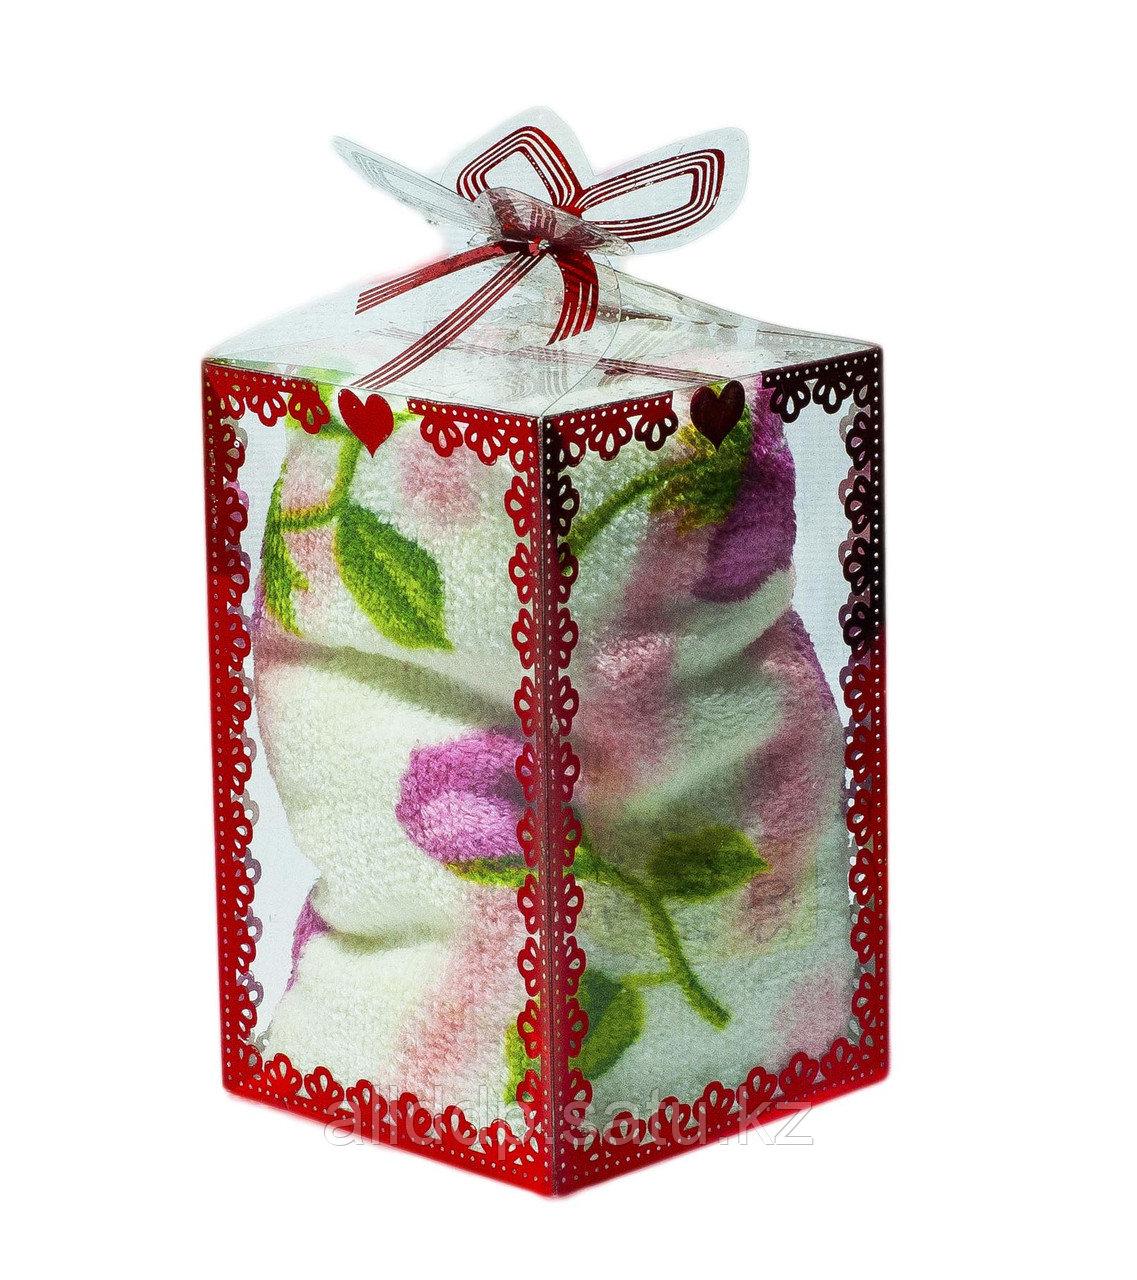 Полотенце в подарочной упаковке (белое с розовыми цветами), 11 см